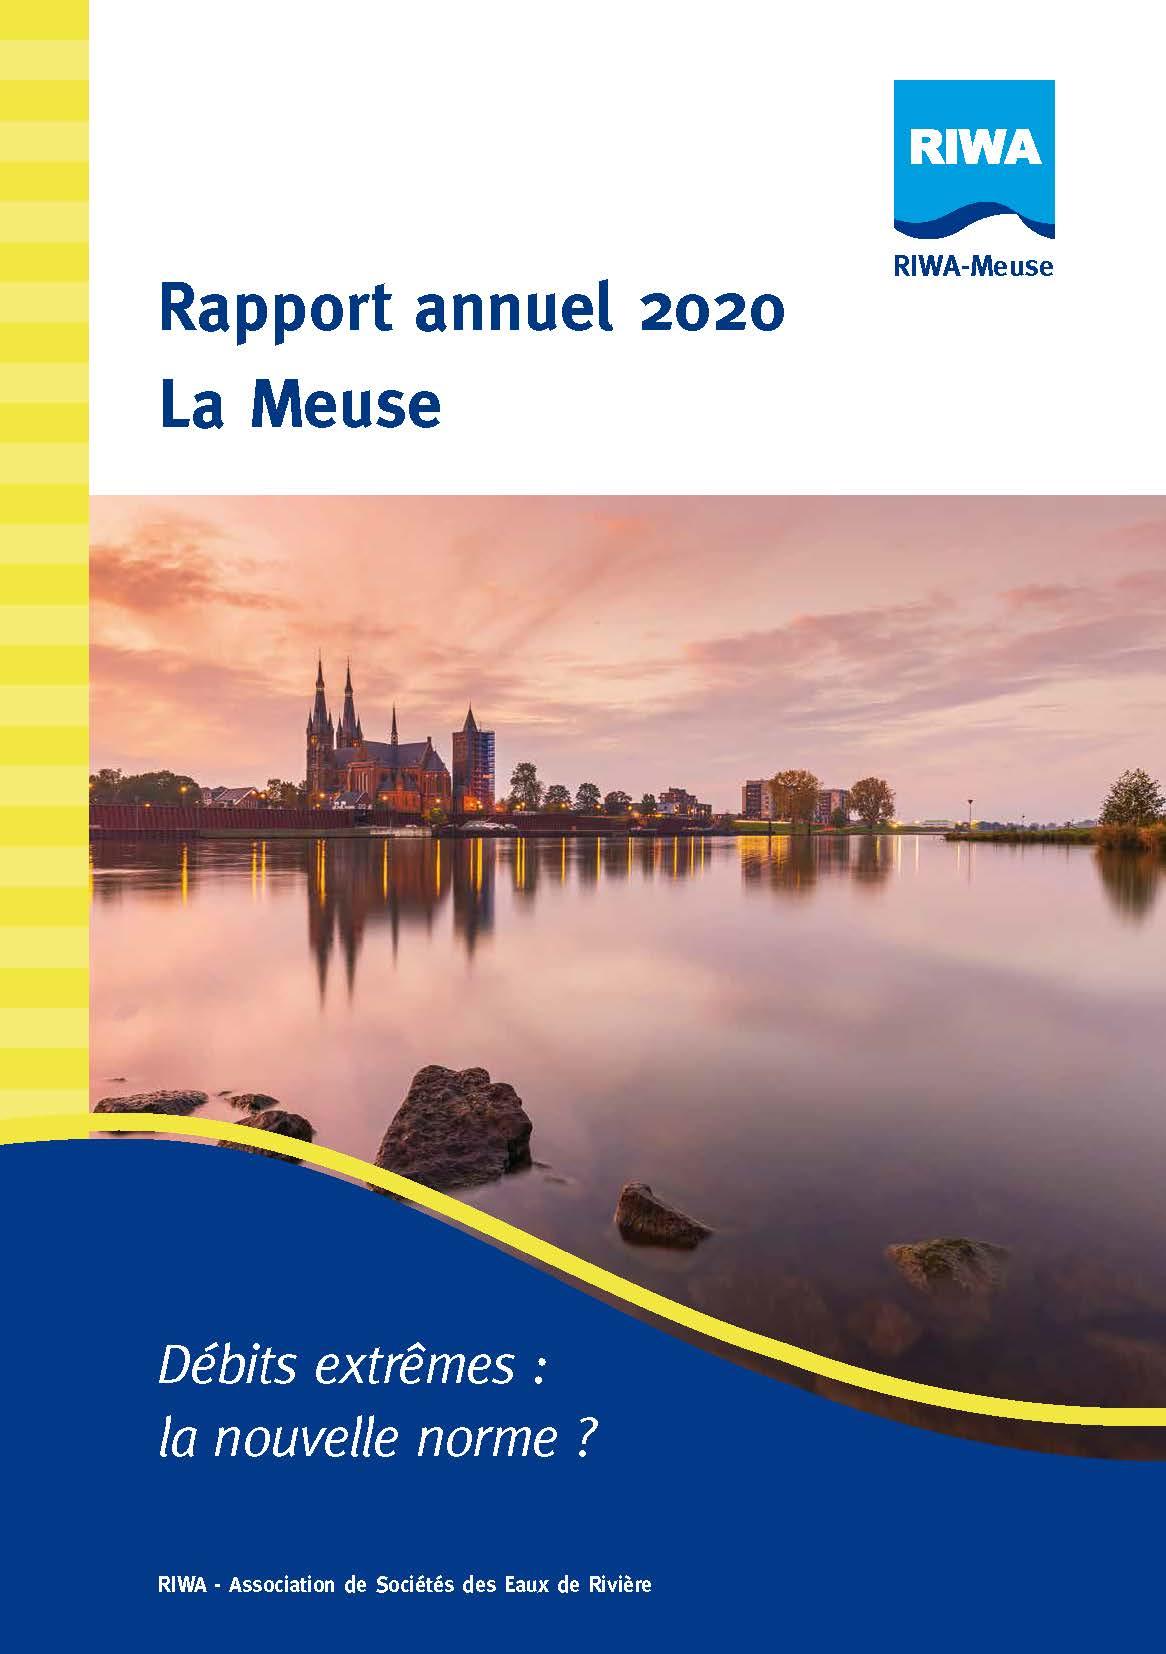 RIWA Rapport Annuel 2020 La Meuse